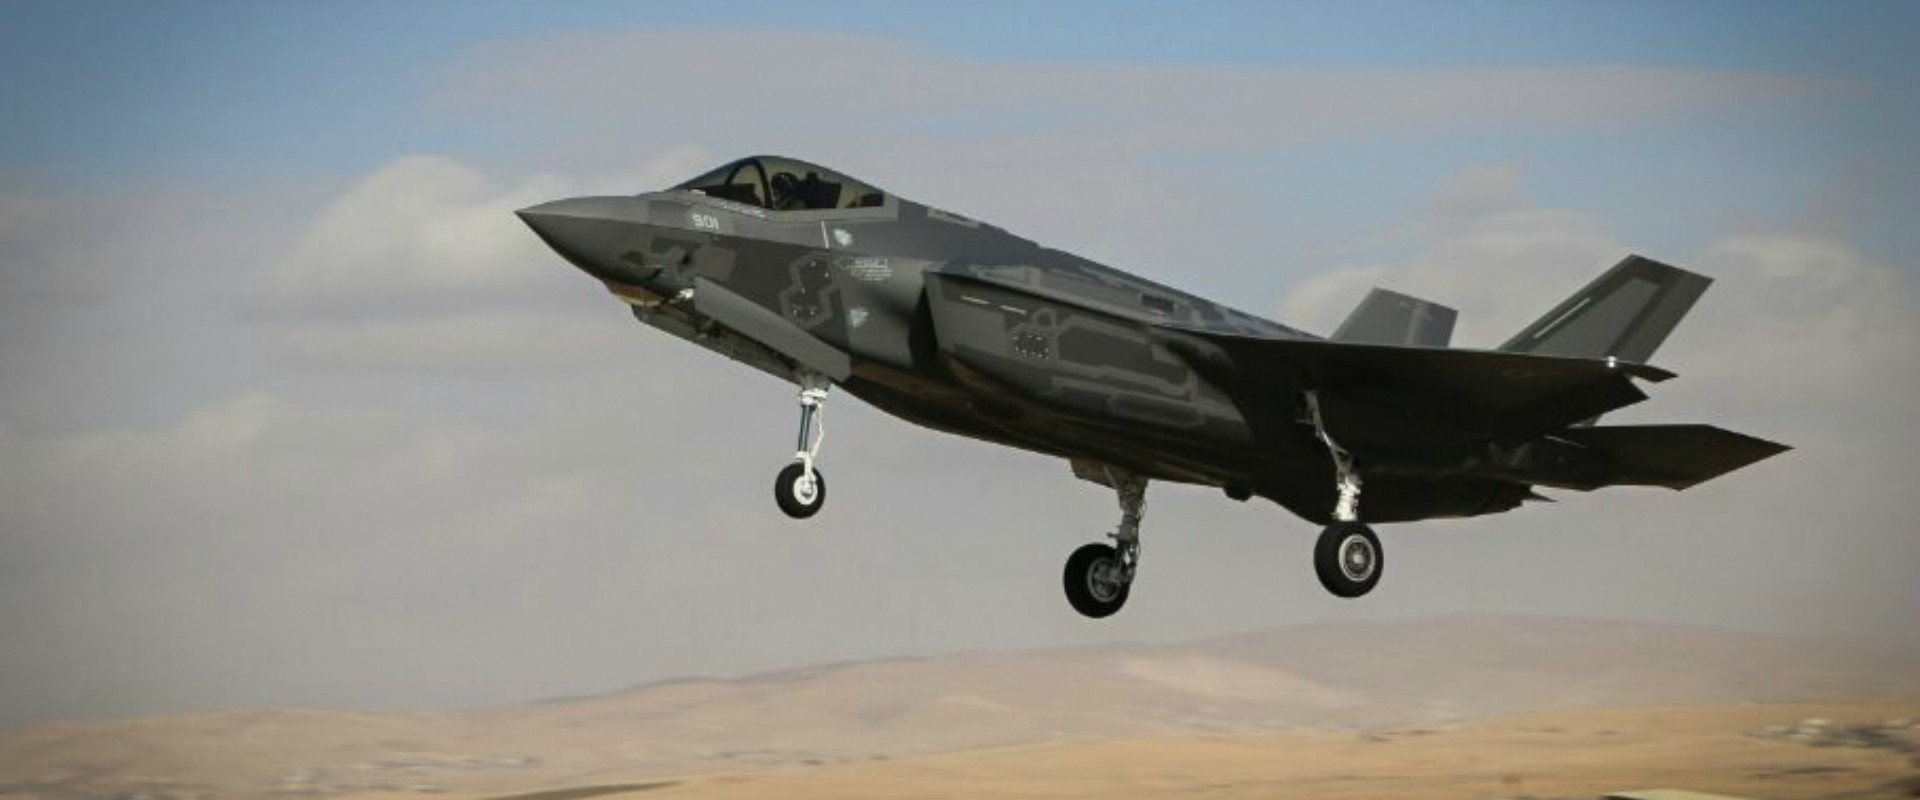 מטוס F-35 ממריא מבסיס חיל האוויר בנבטים